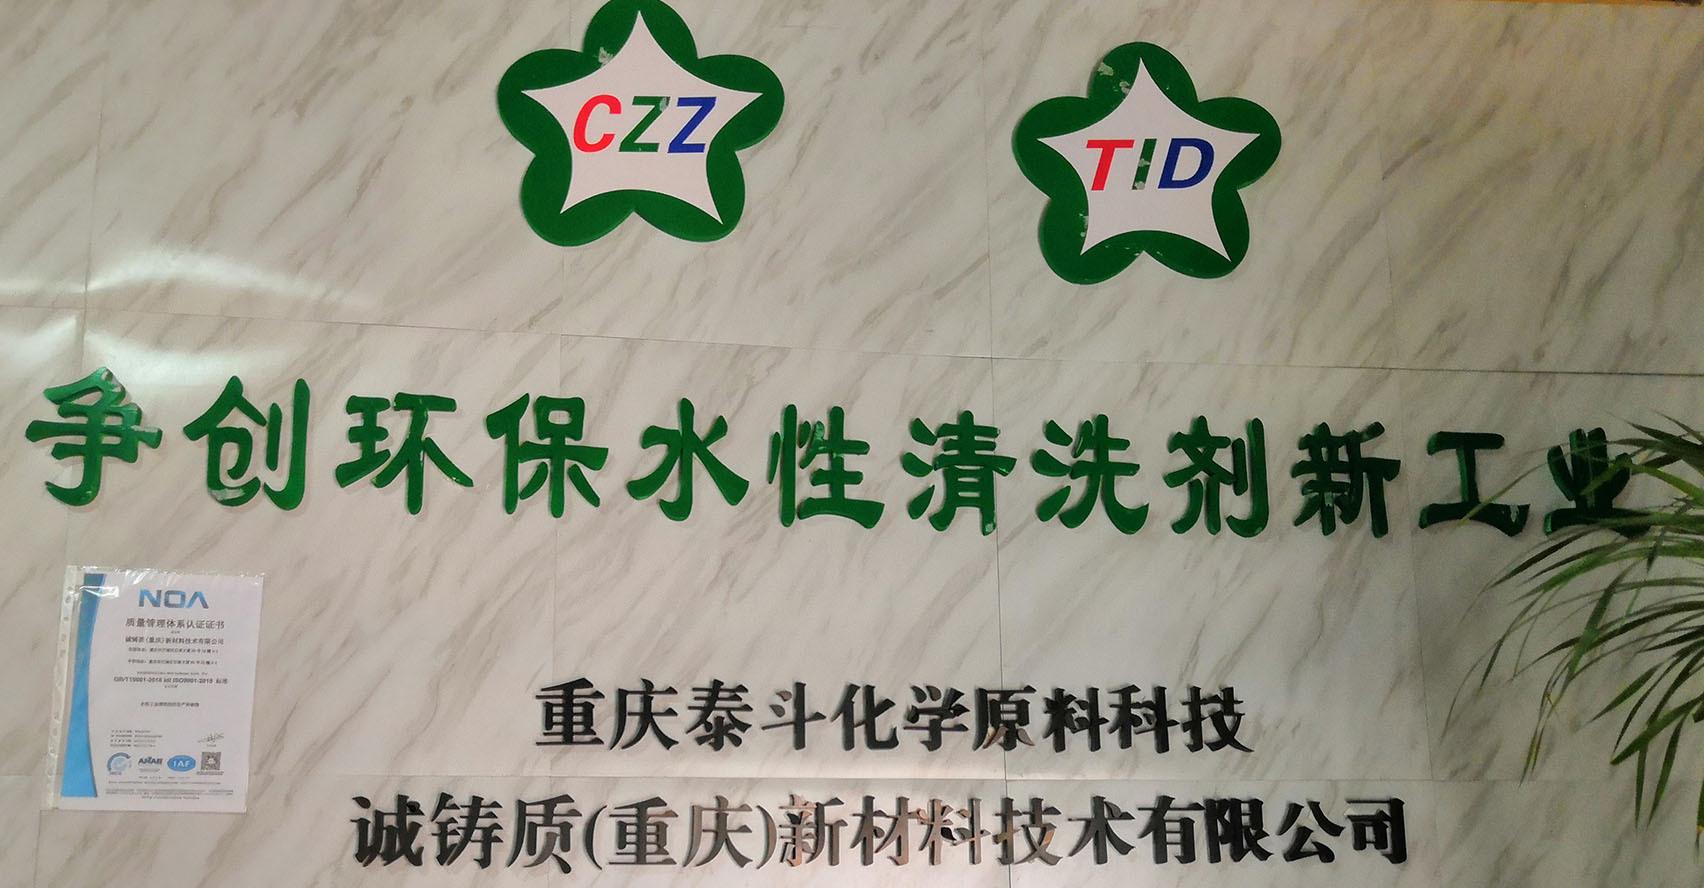 诚铸质(重庆)新材料技术有限公司